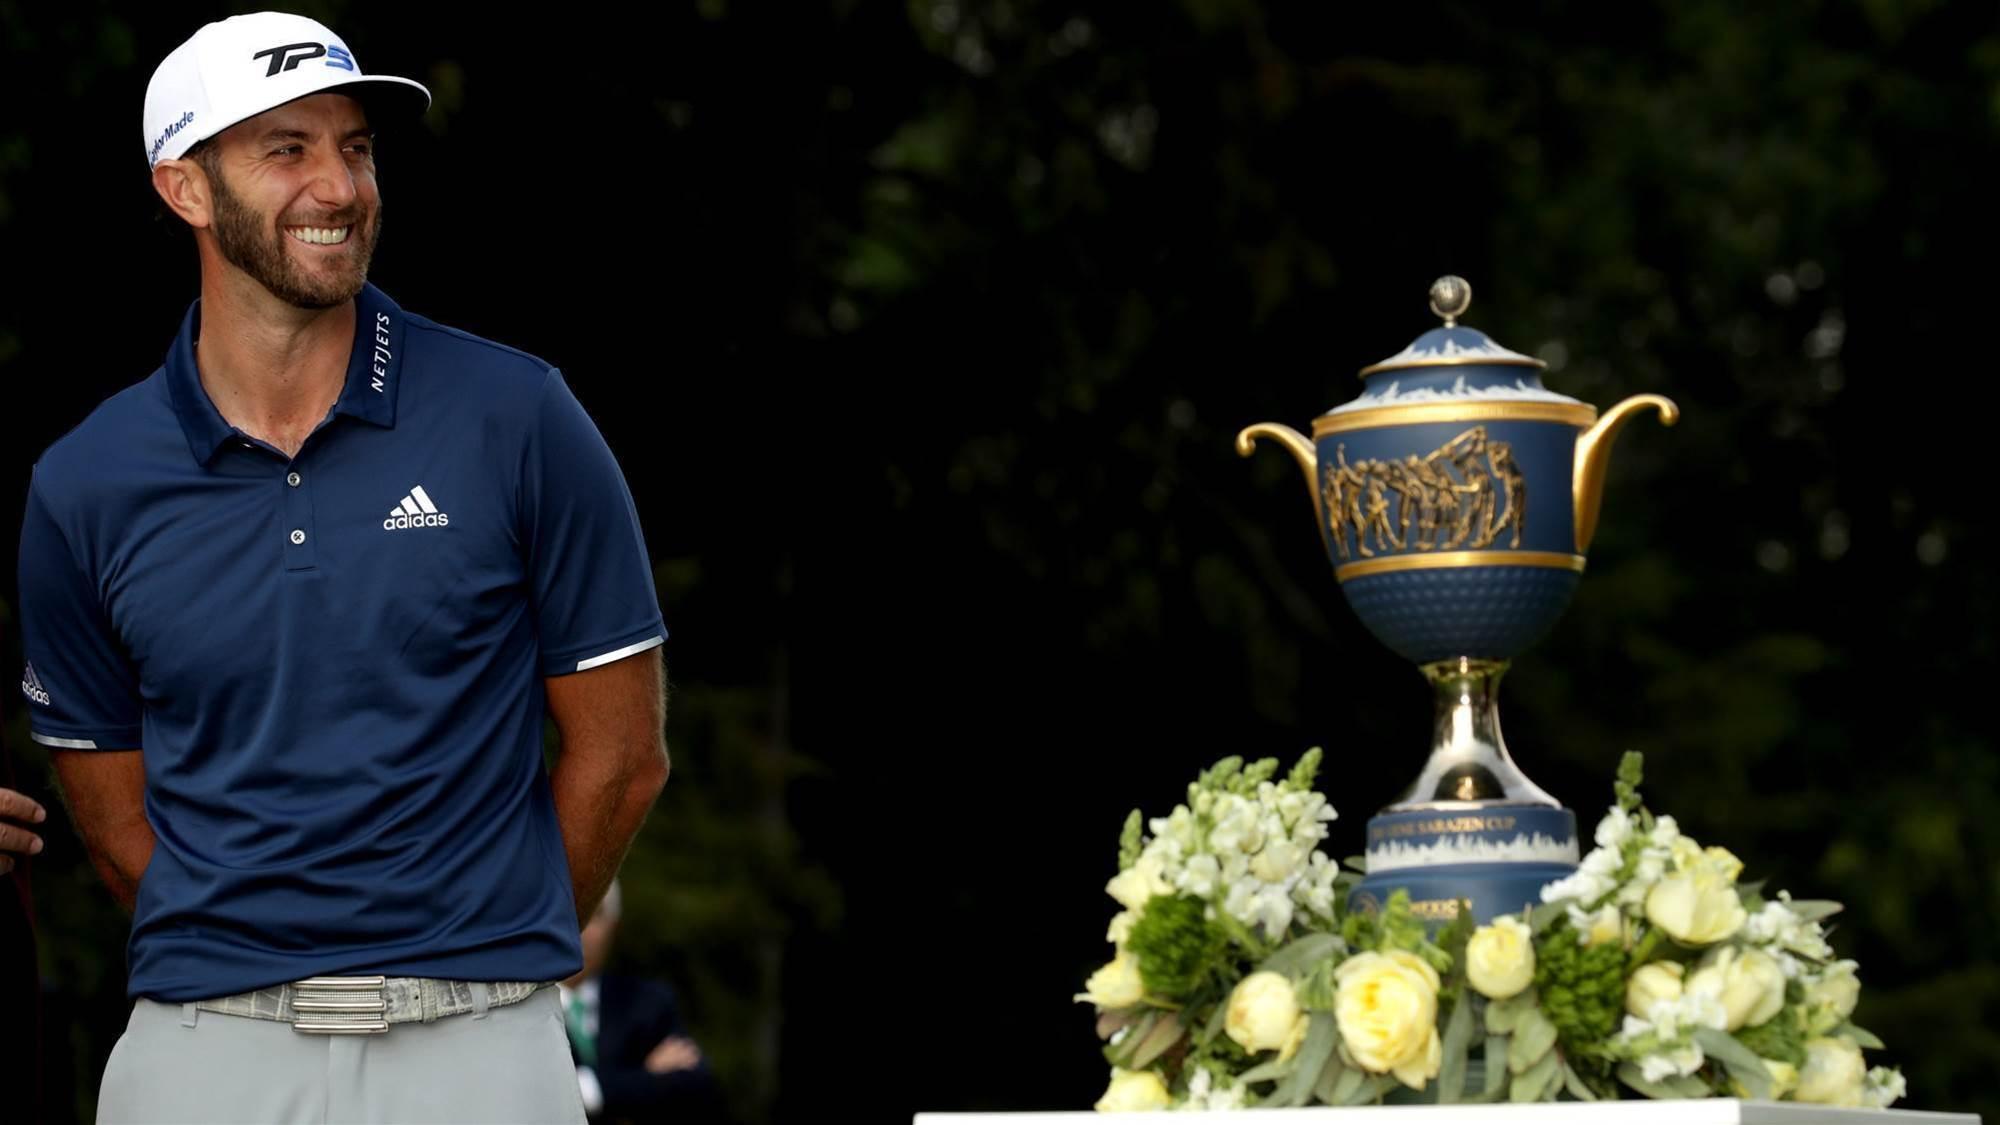 PGA TOUR: Johnson proving unstoppable